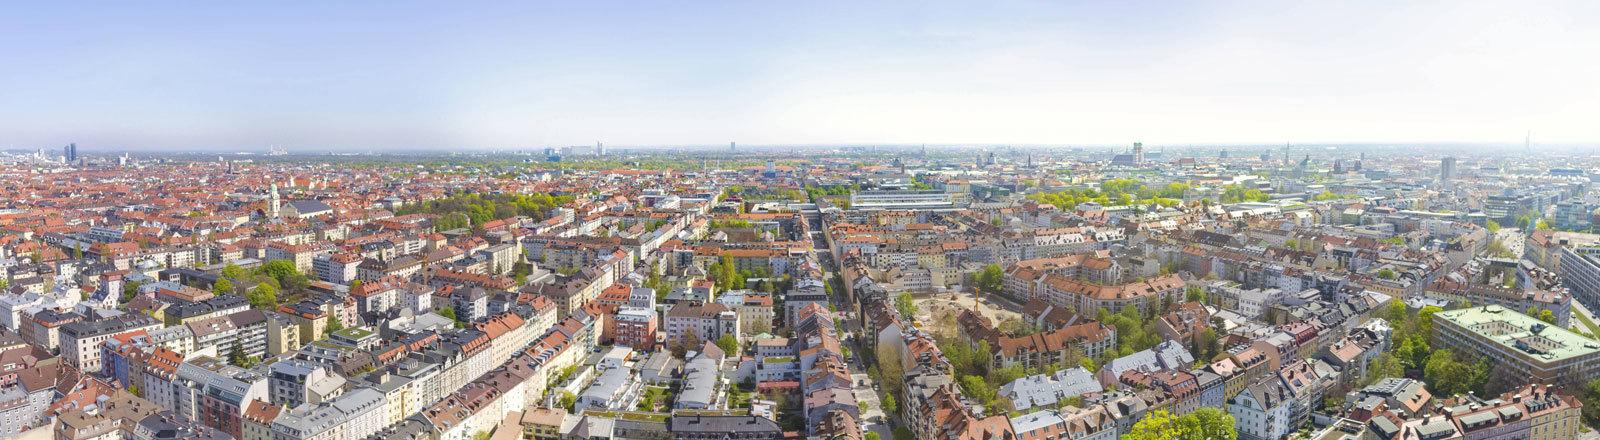 Blick von oben auf München.